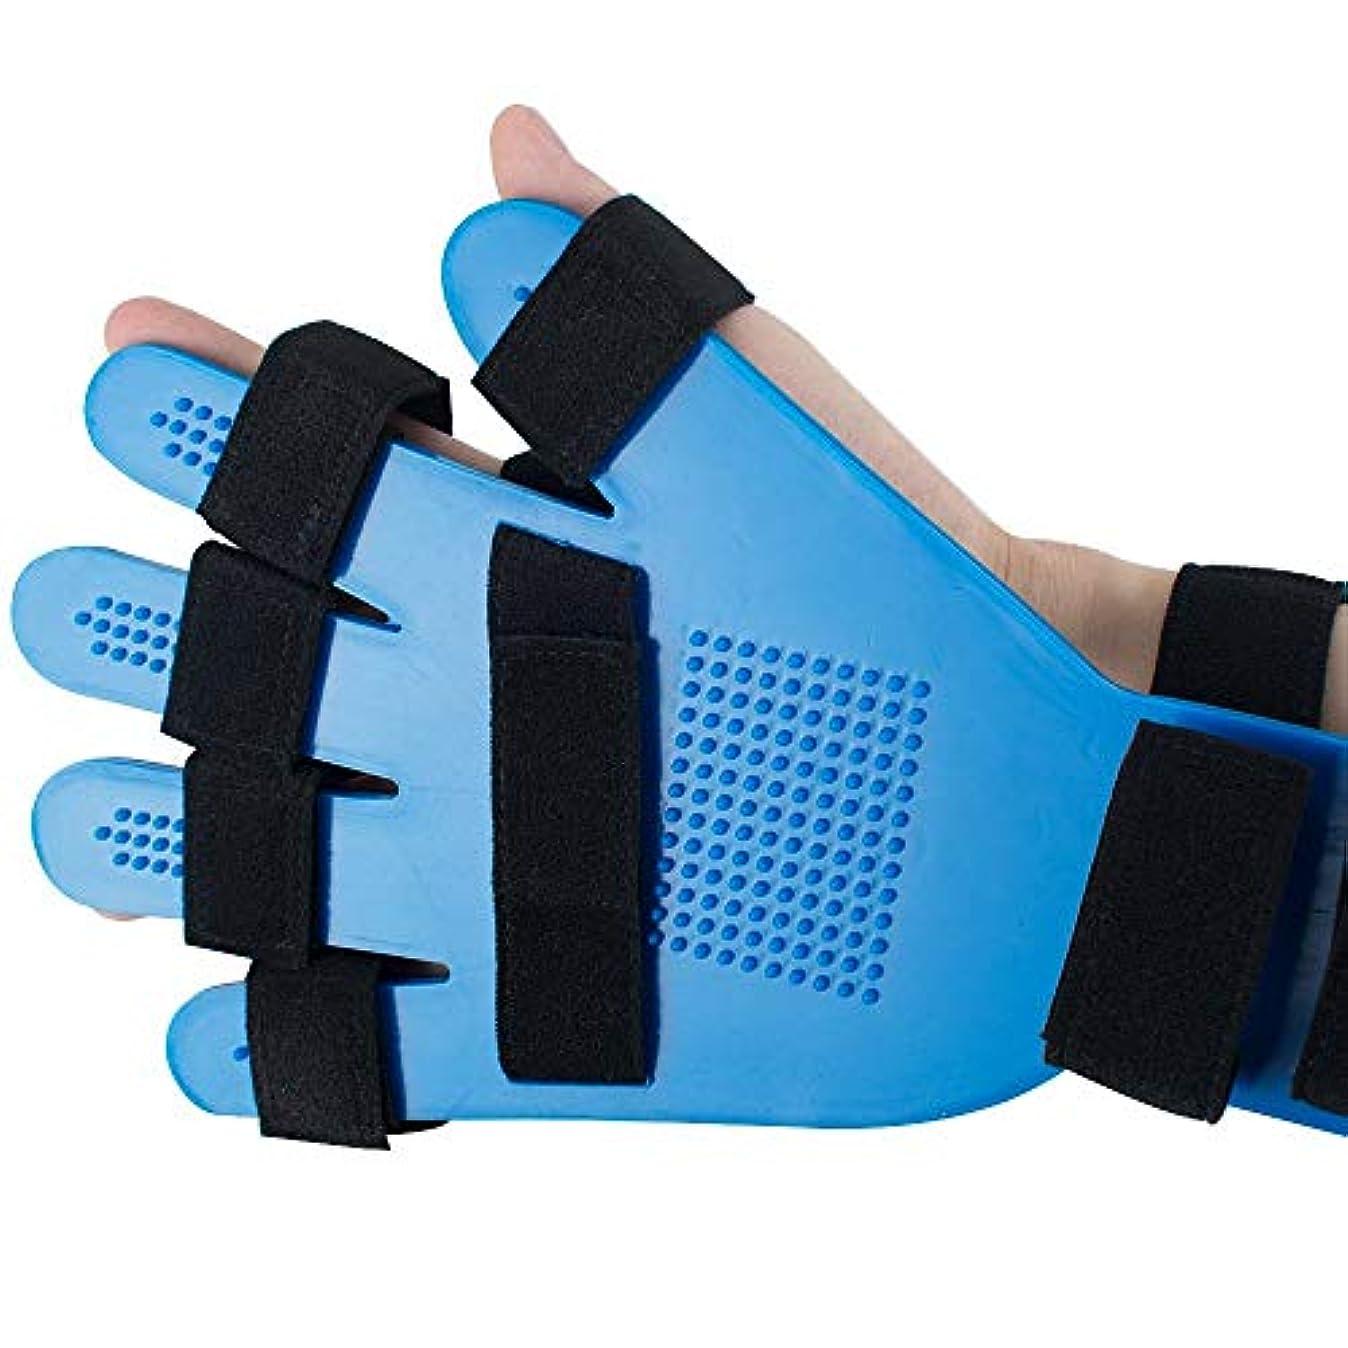 ポテト旋回ミント指の添え木、指板指の分離器矯正具、ポイント手首手首訓練装具装具サポート右左男性女性